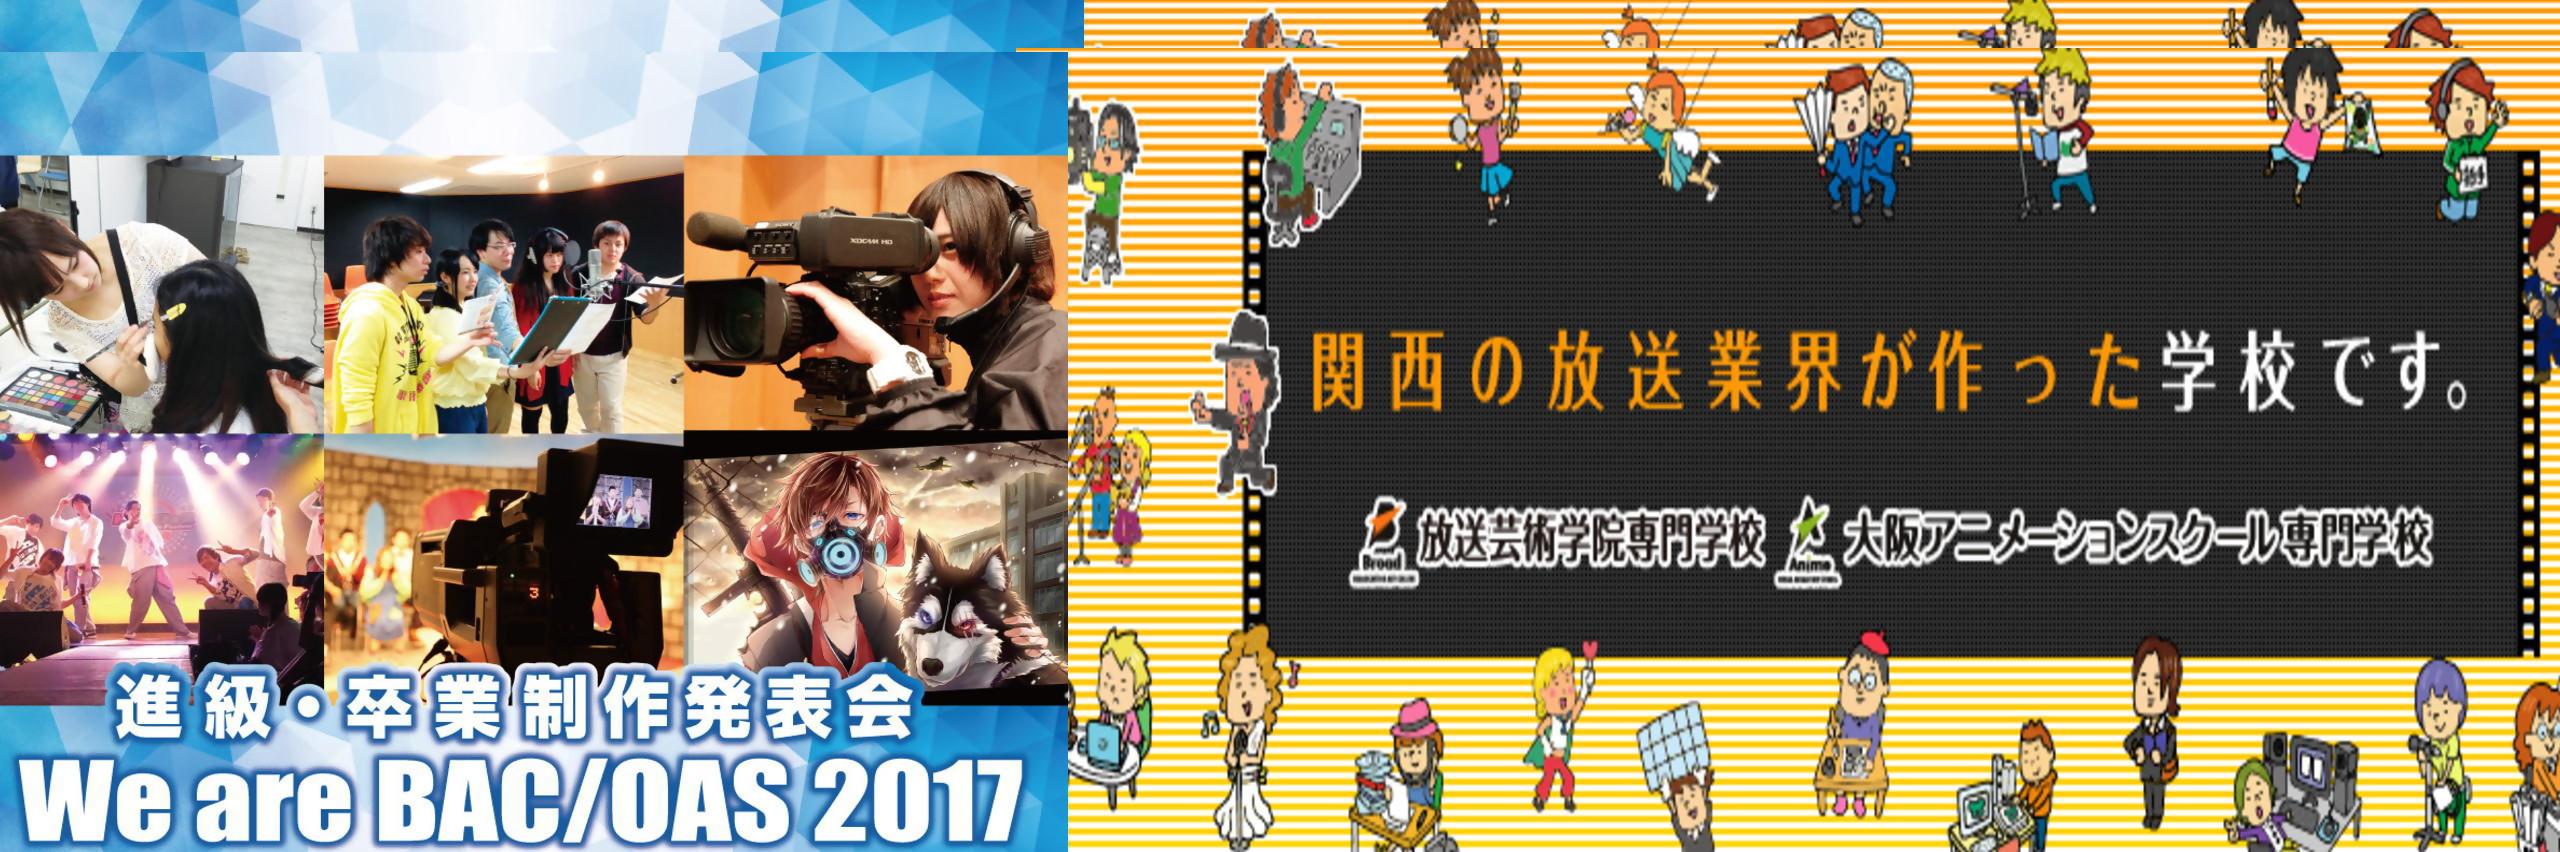 【公式】放送芸術学院専門学校大阪アニメーションスクール専門学校